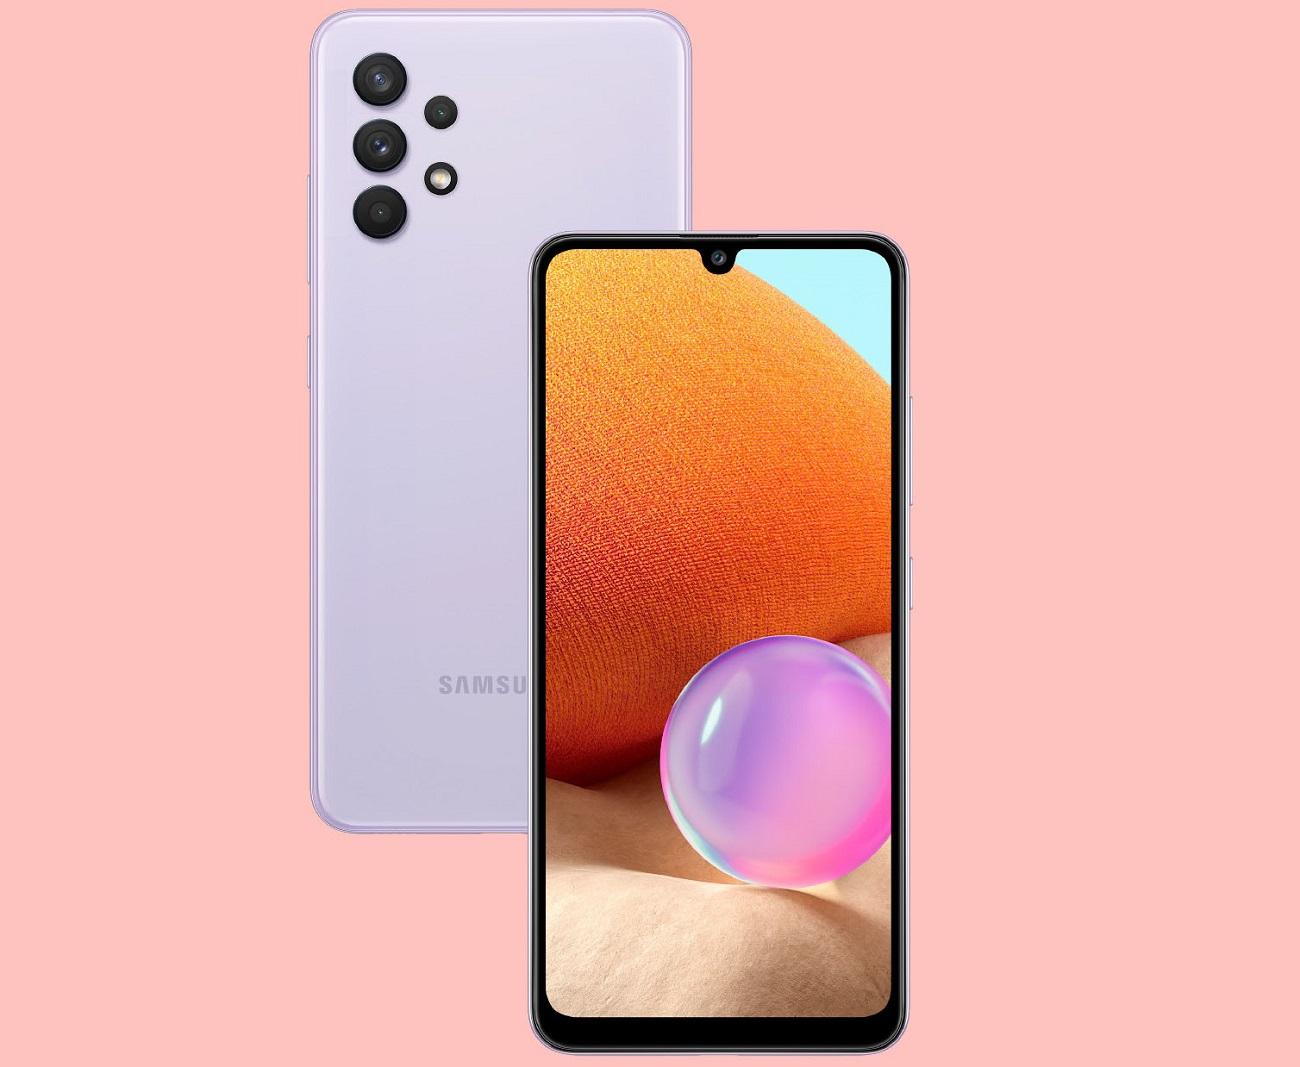 Galaxy A32 4G : Samsung présente une fiche technique plus alléchante que la version 5G